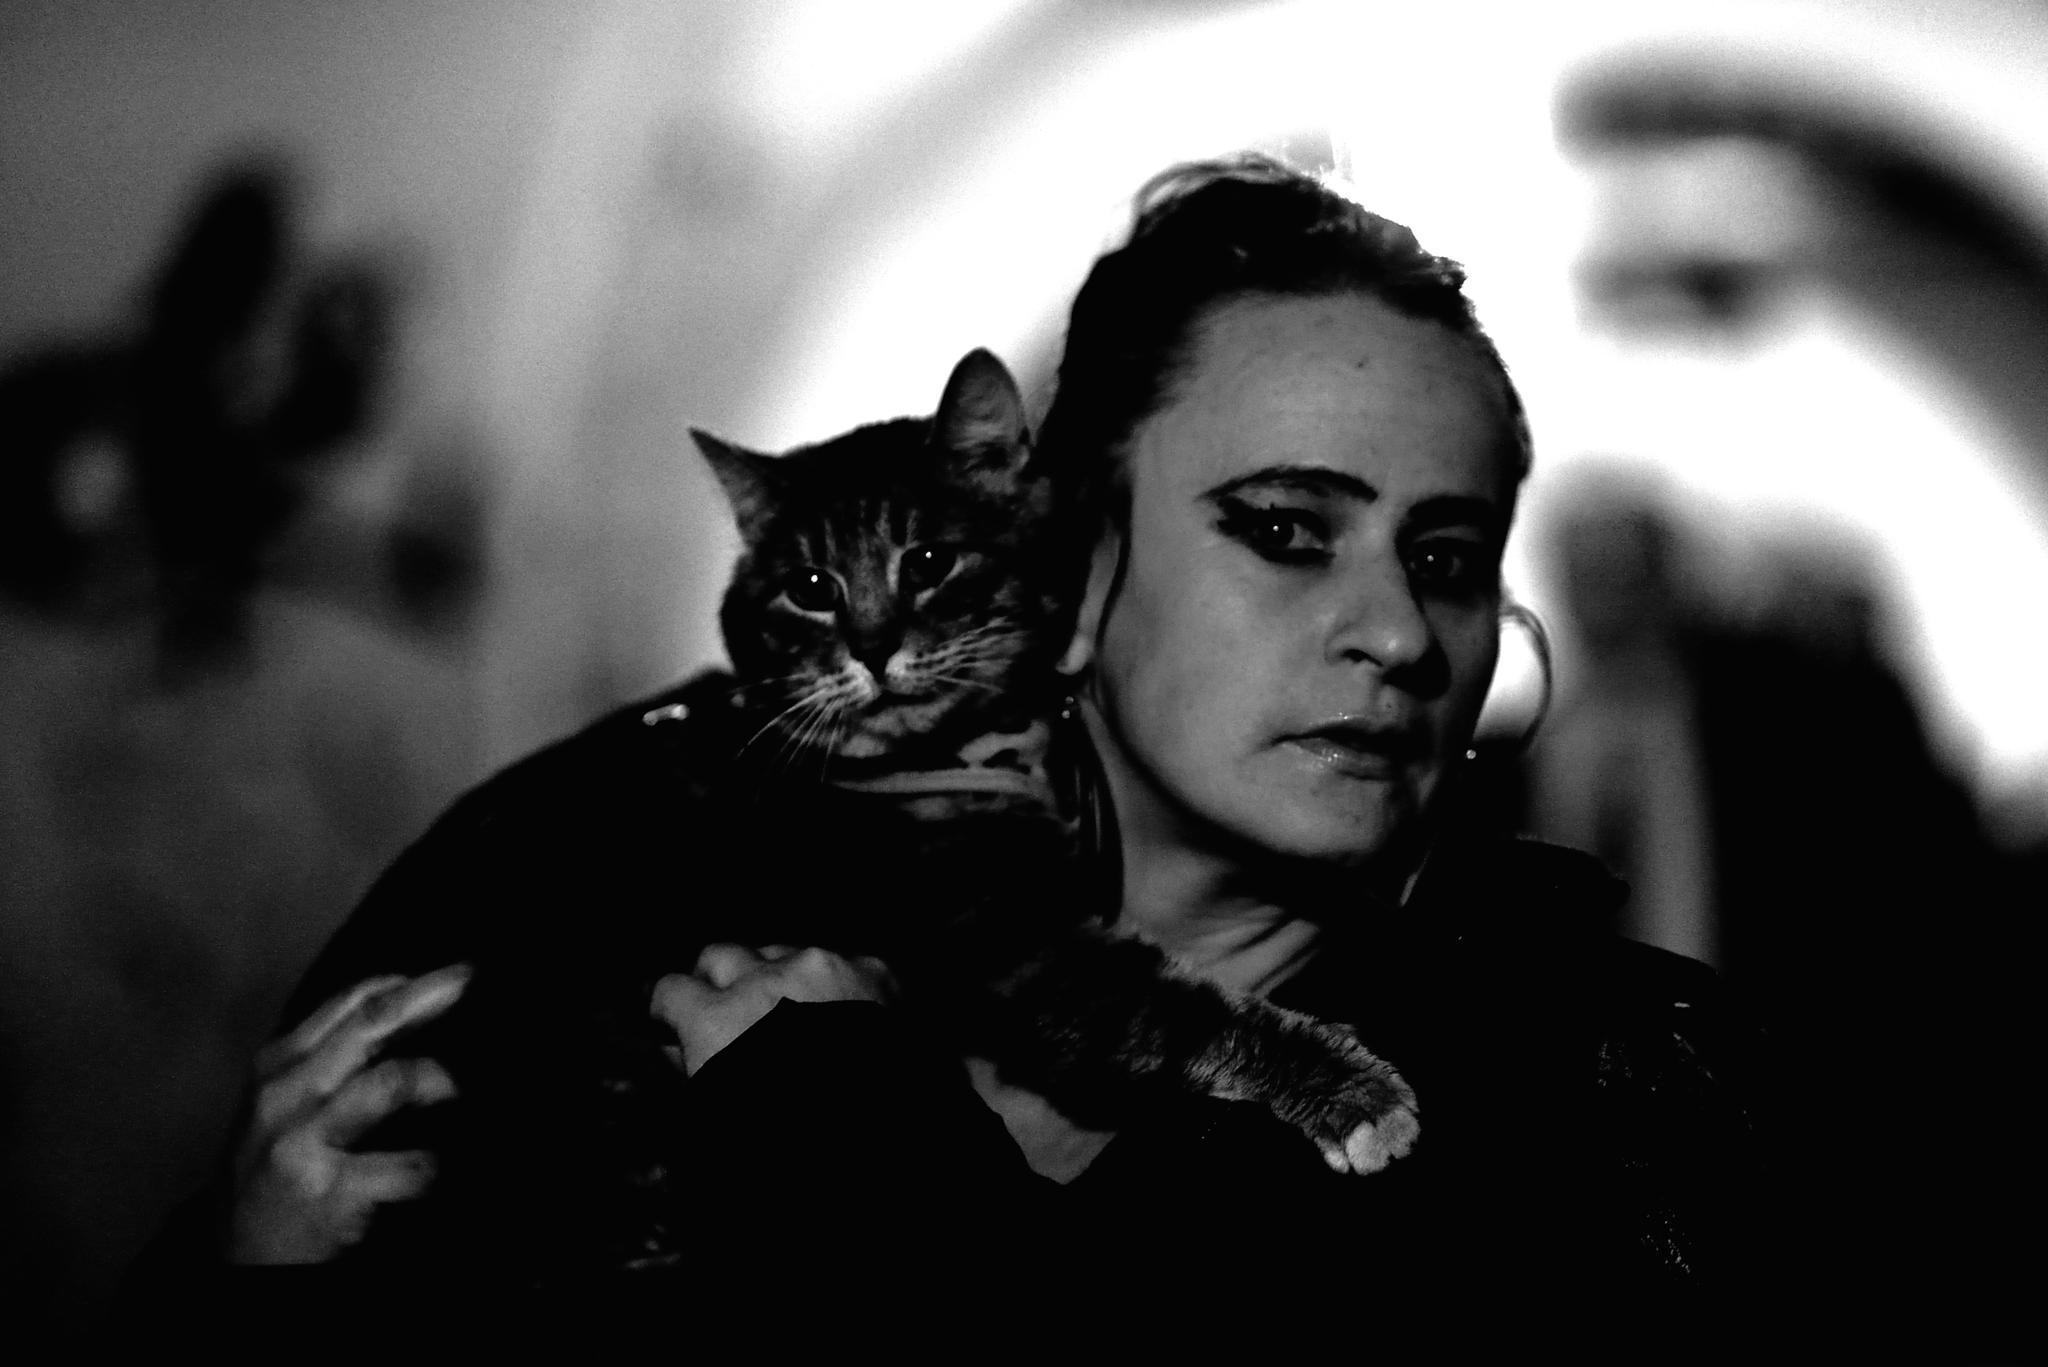 Kobieta Kot by Piotr Krzyżanowski